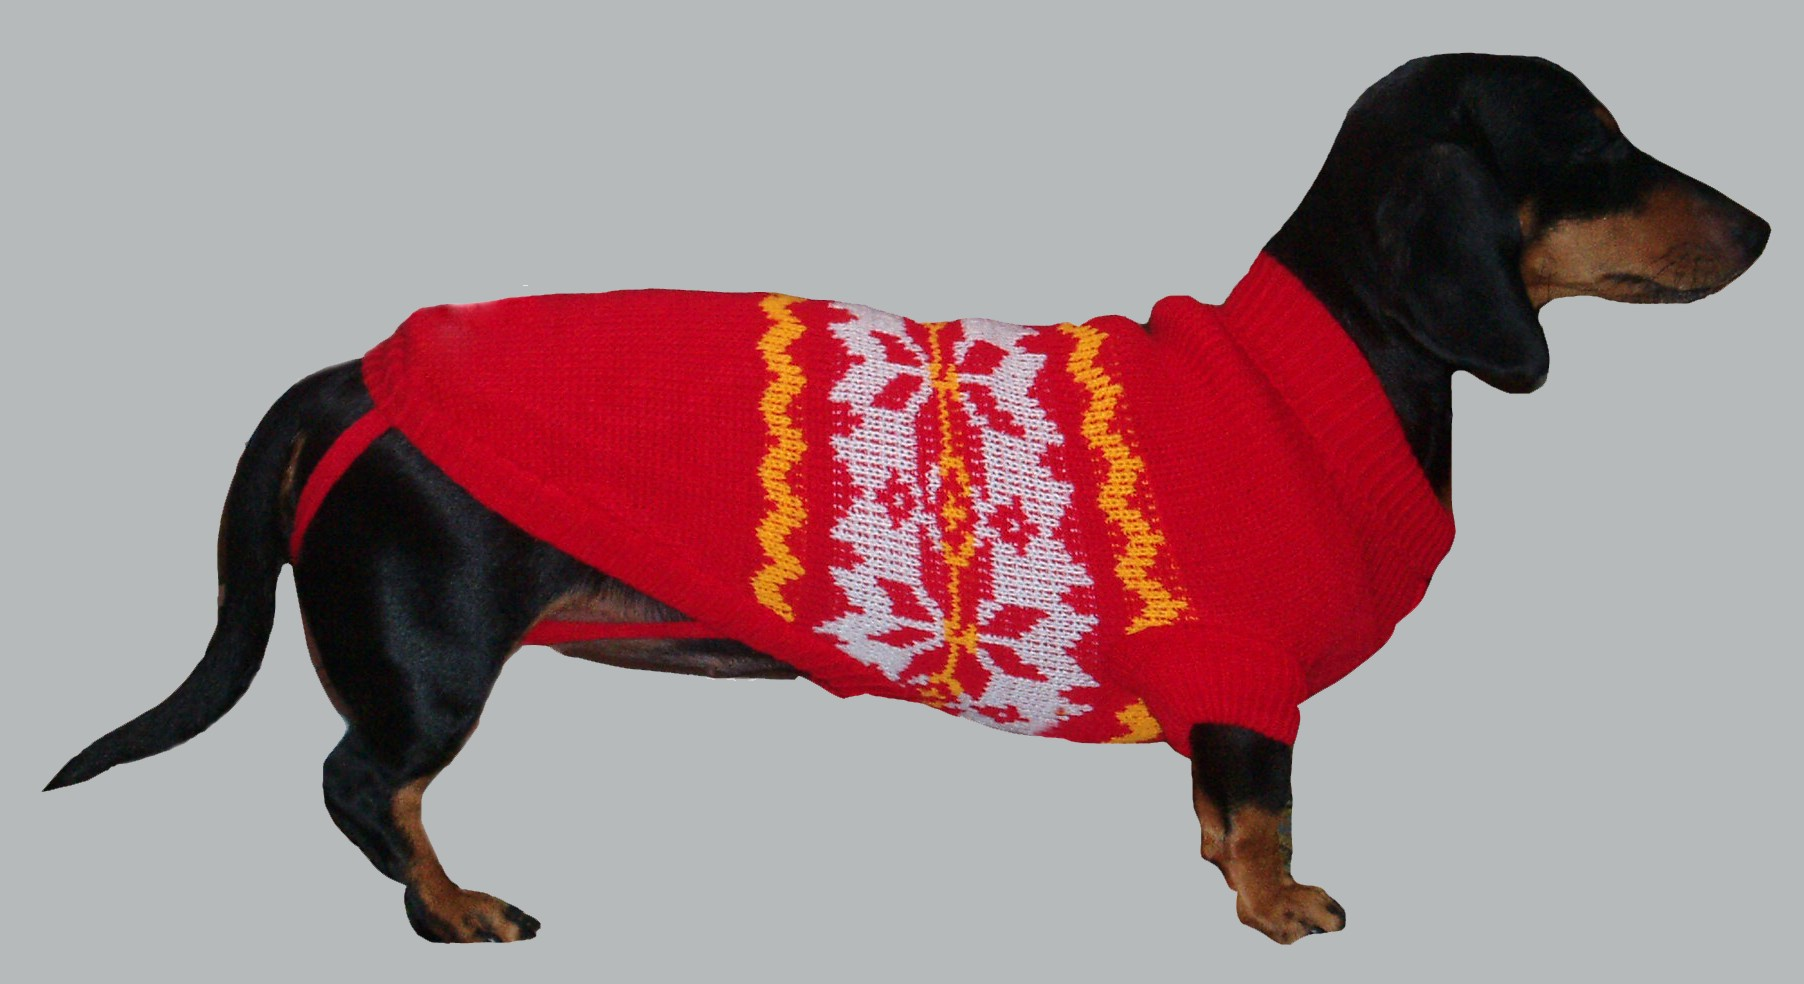 свитер на таксе